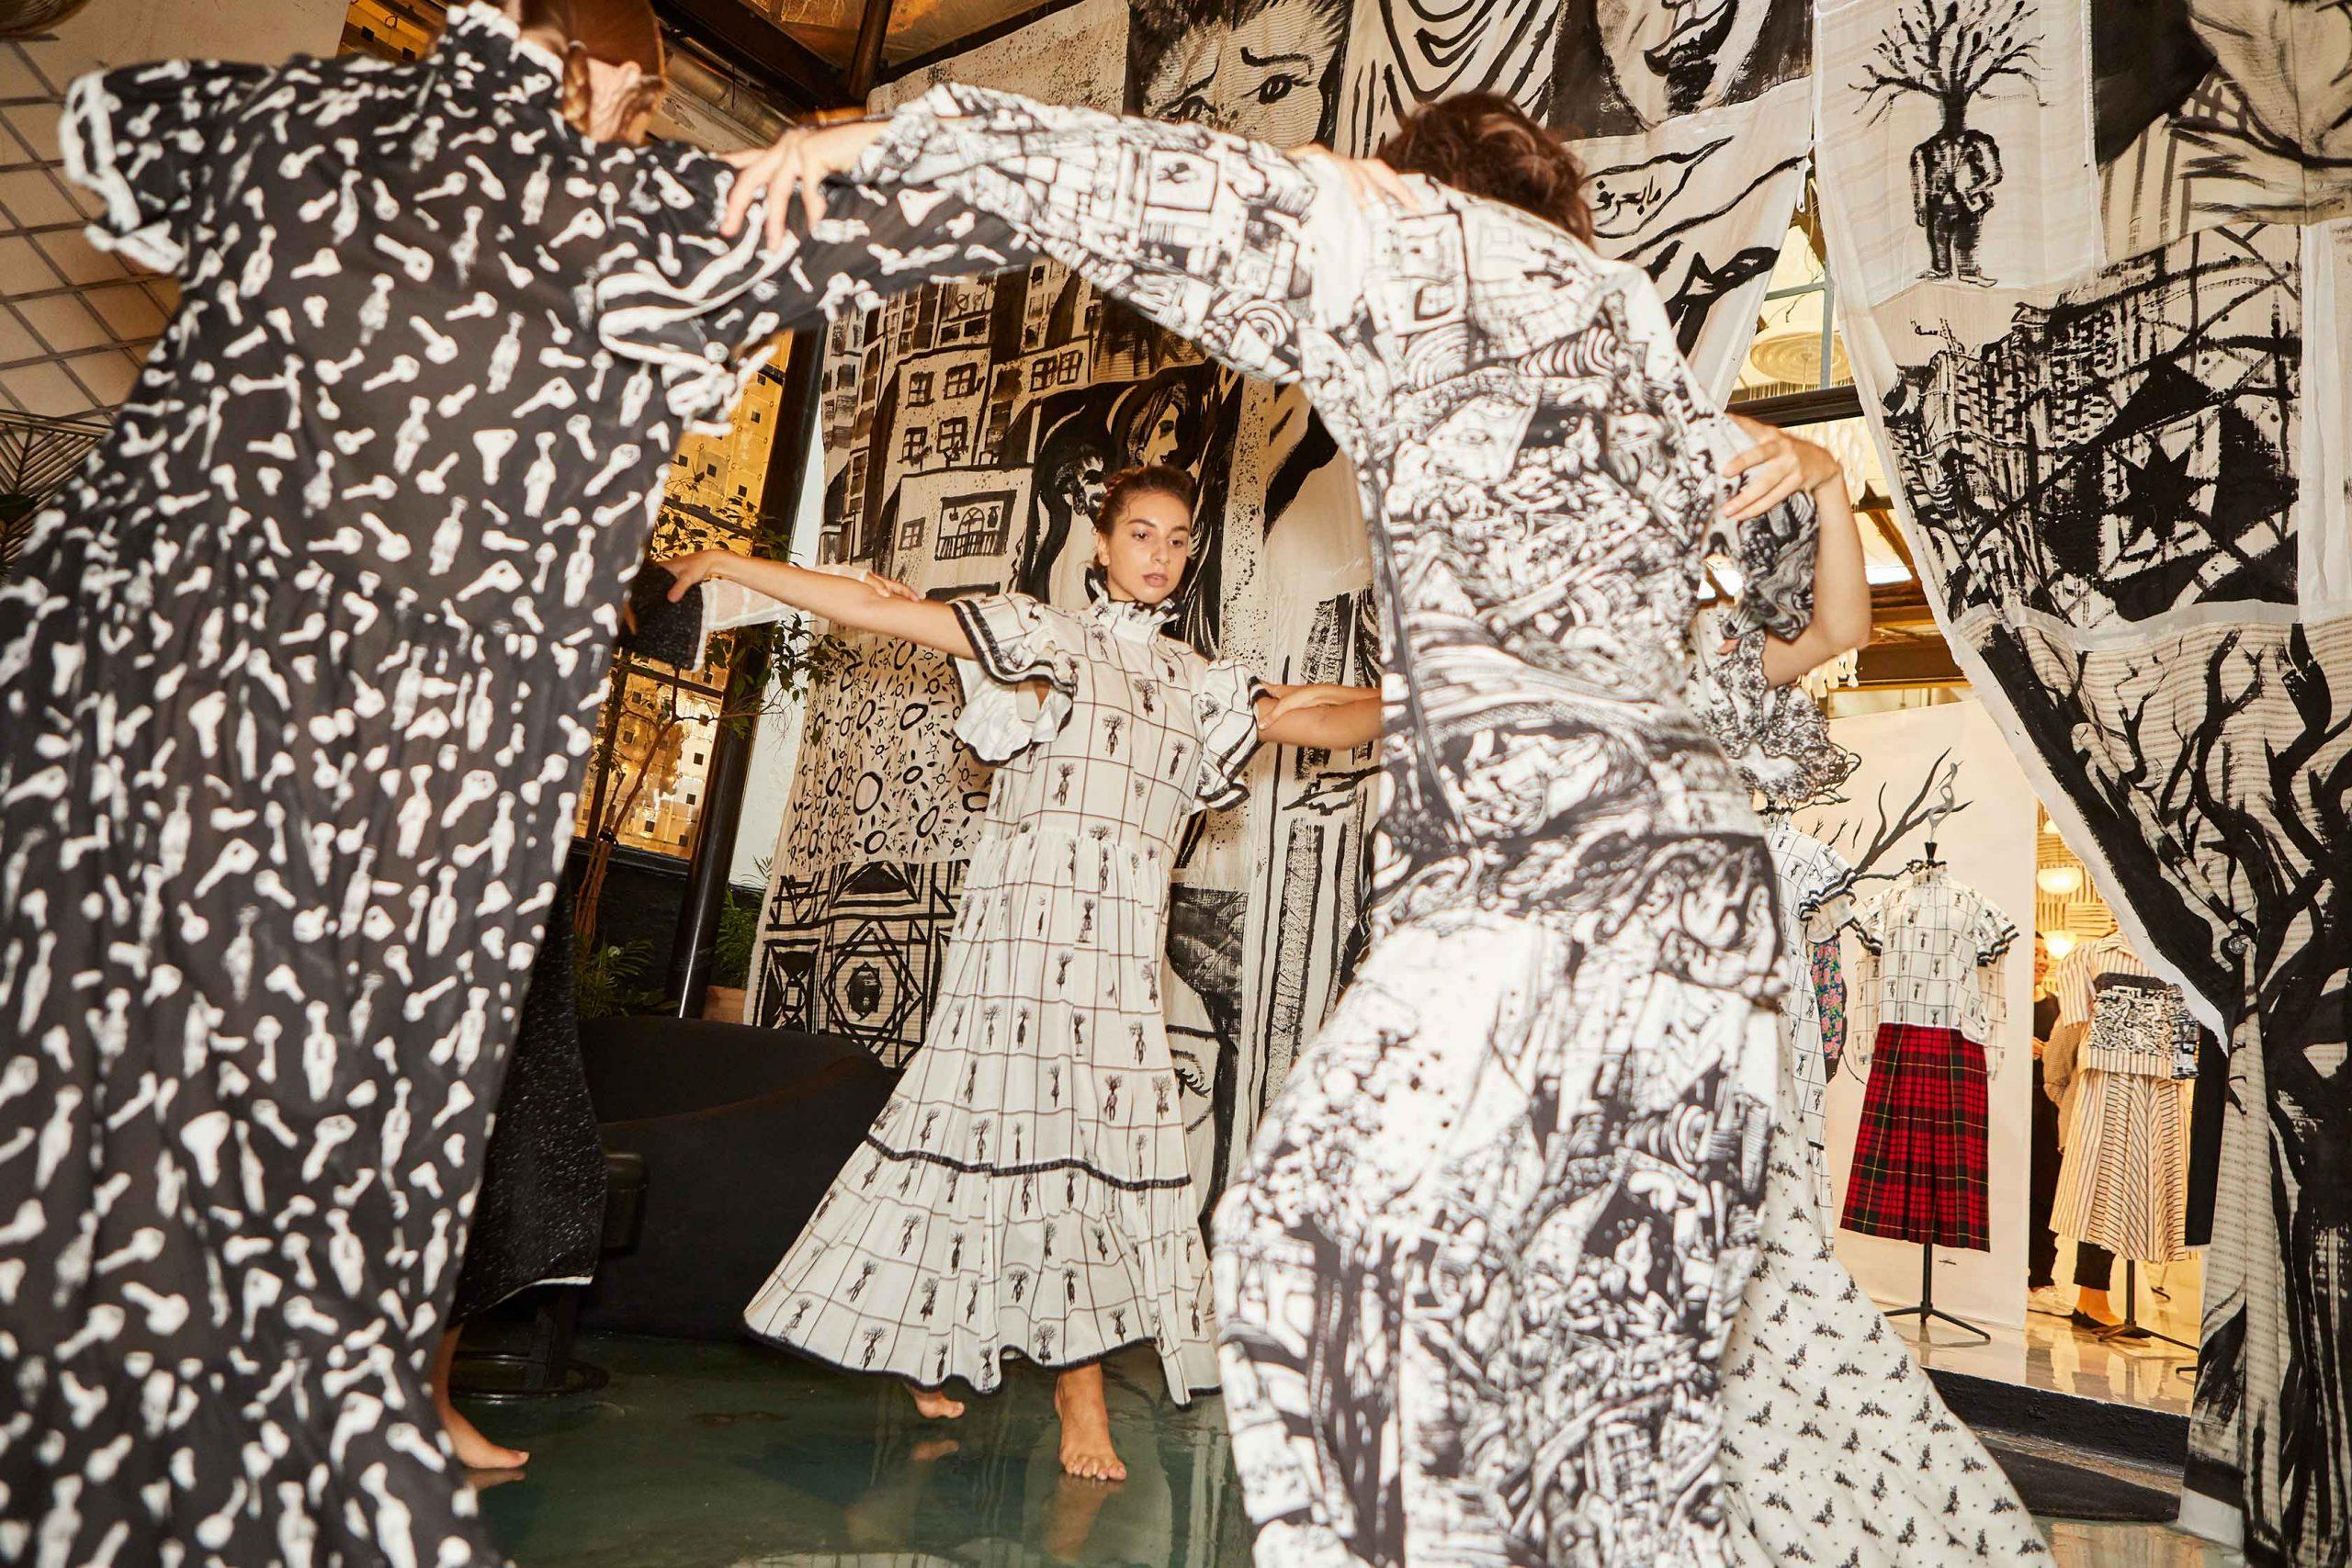 Melampo resilience collection at 10 Corso Como - installation - dancer - photo 3